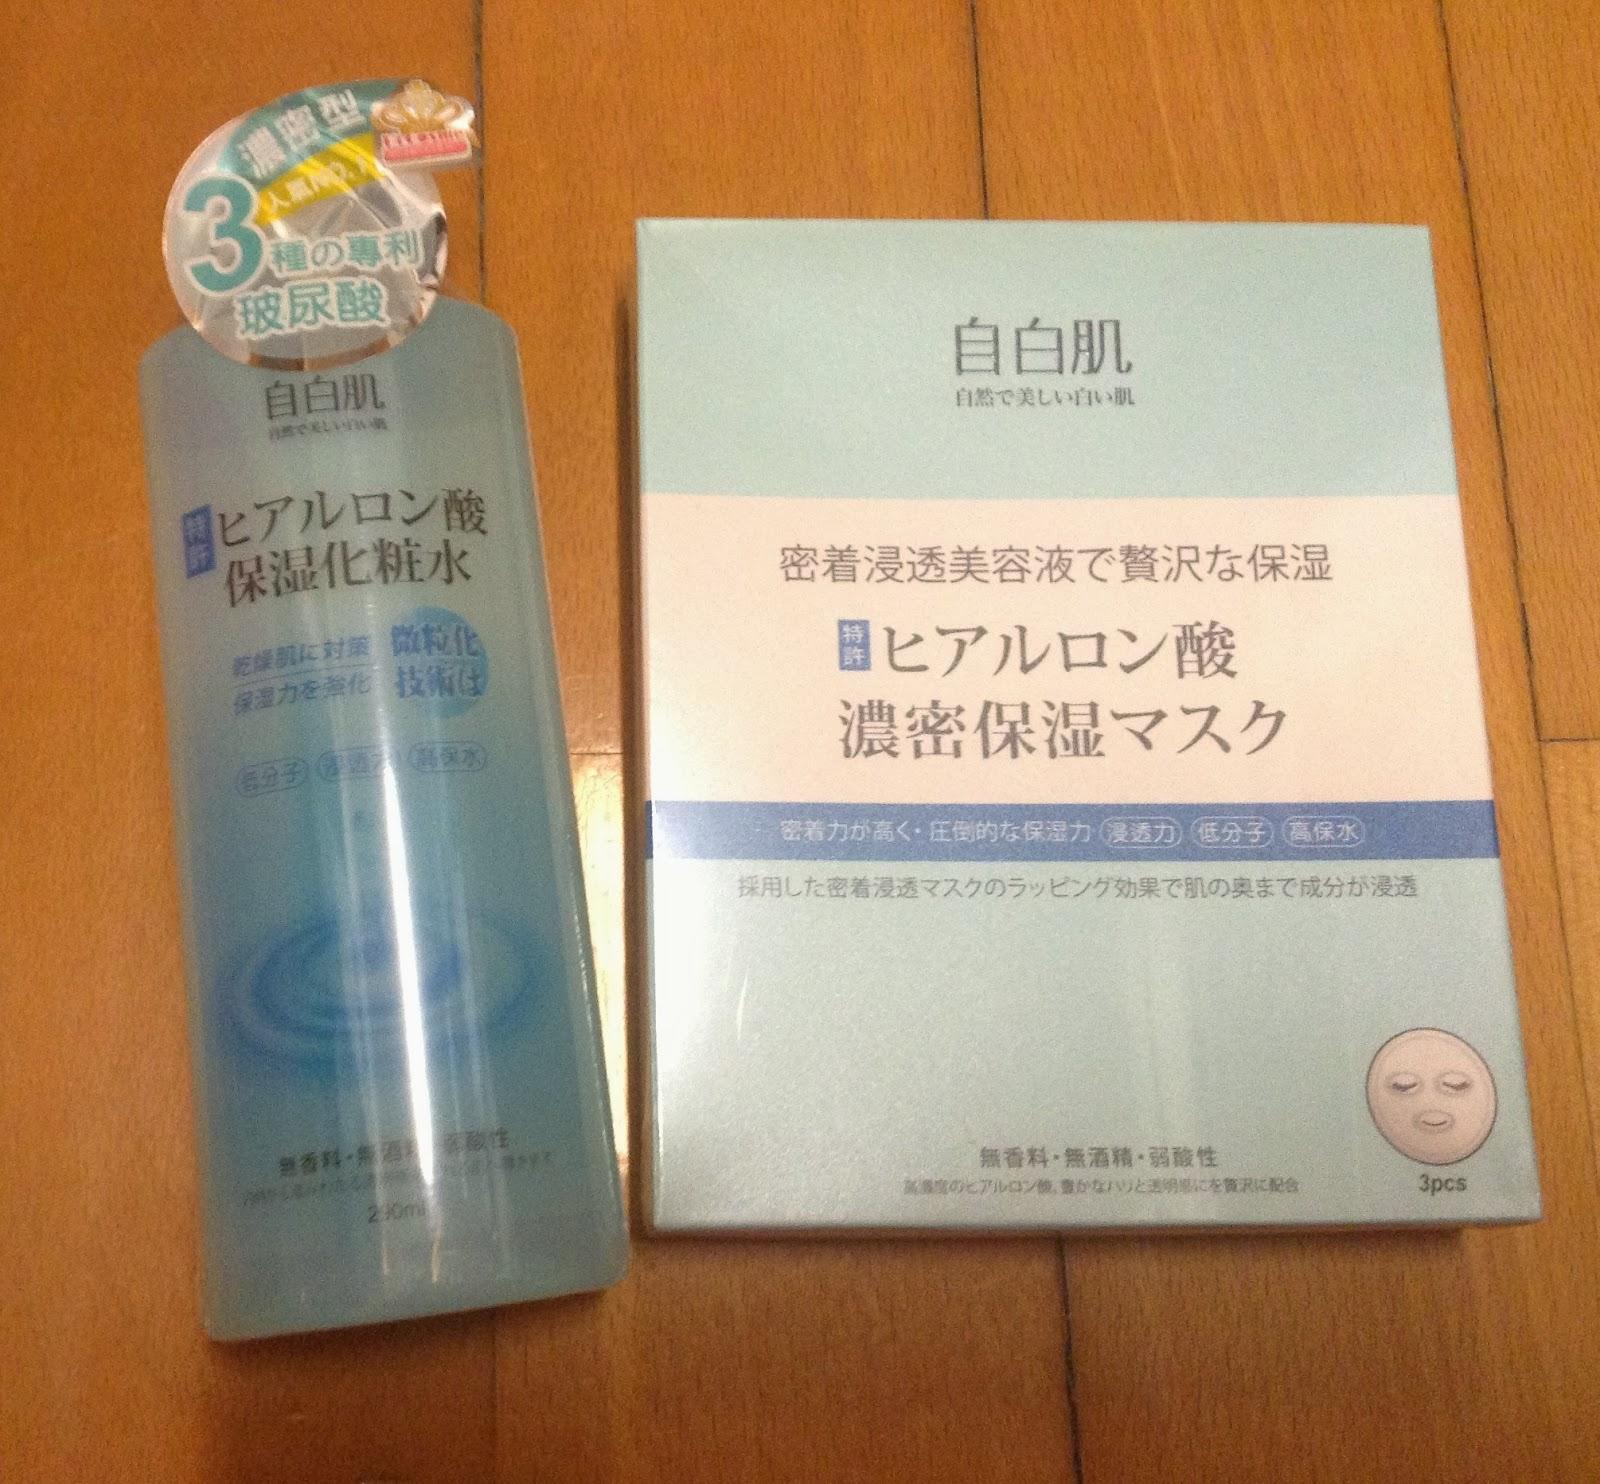 >>平價保濕好物*自白肌玻尿酸濃密保濕系列﹣化粧水,羽絨棉面膜﹠水凝露